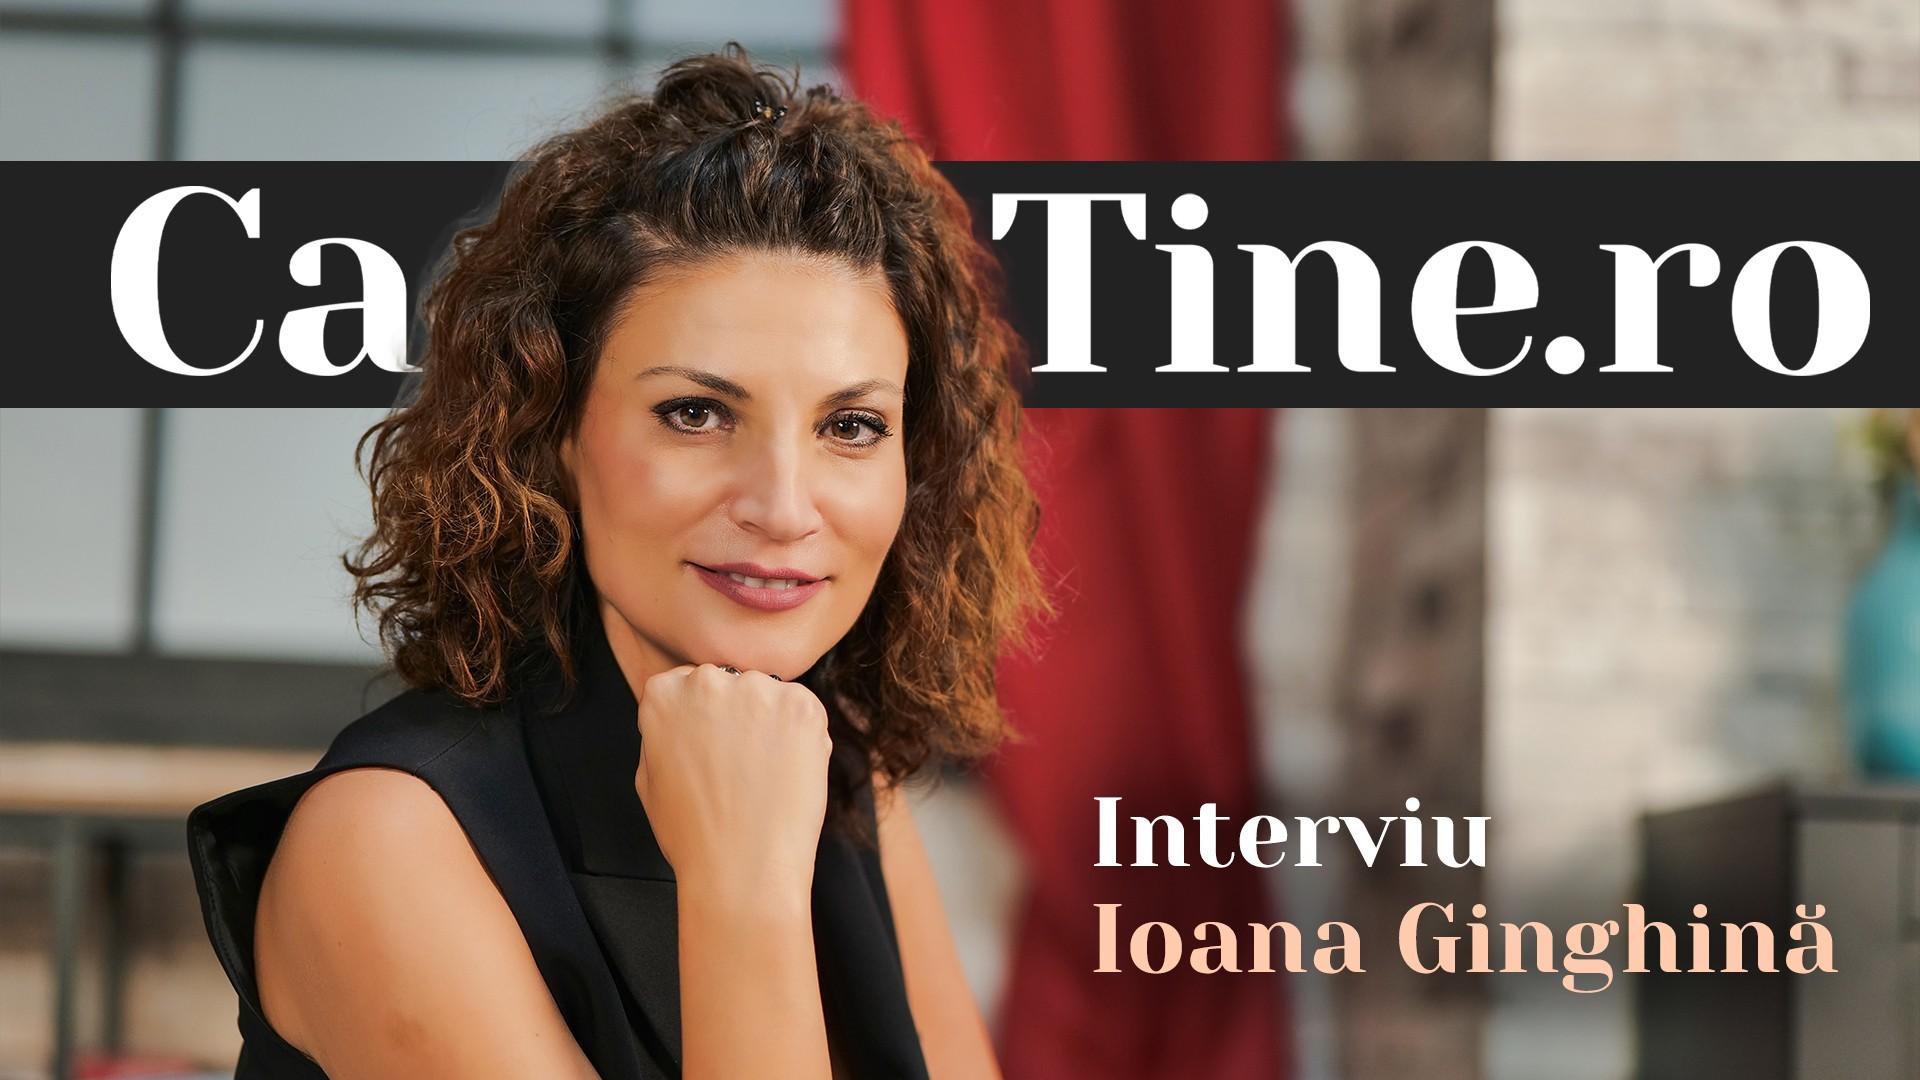 CaTine.ro - Interviu - Ioana Ginghină - Organizată